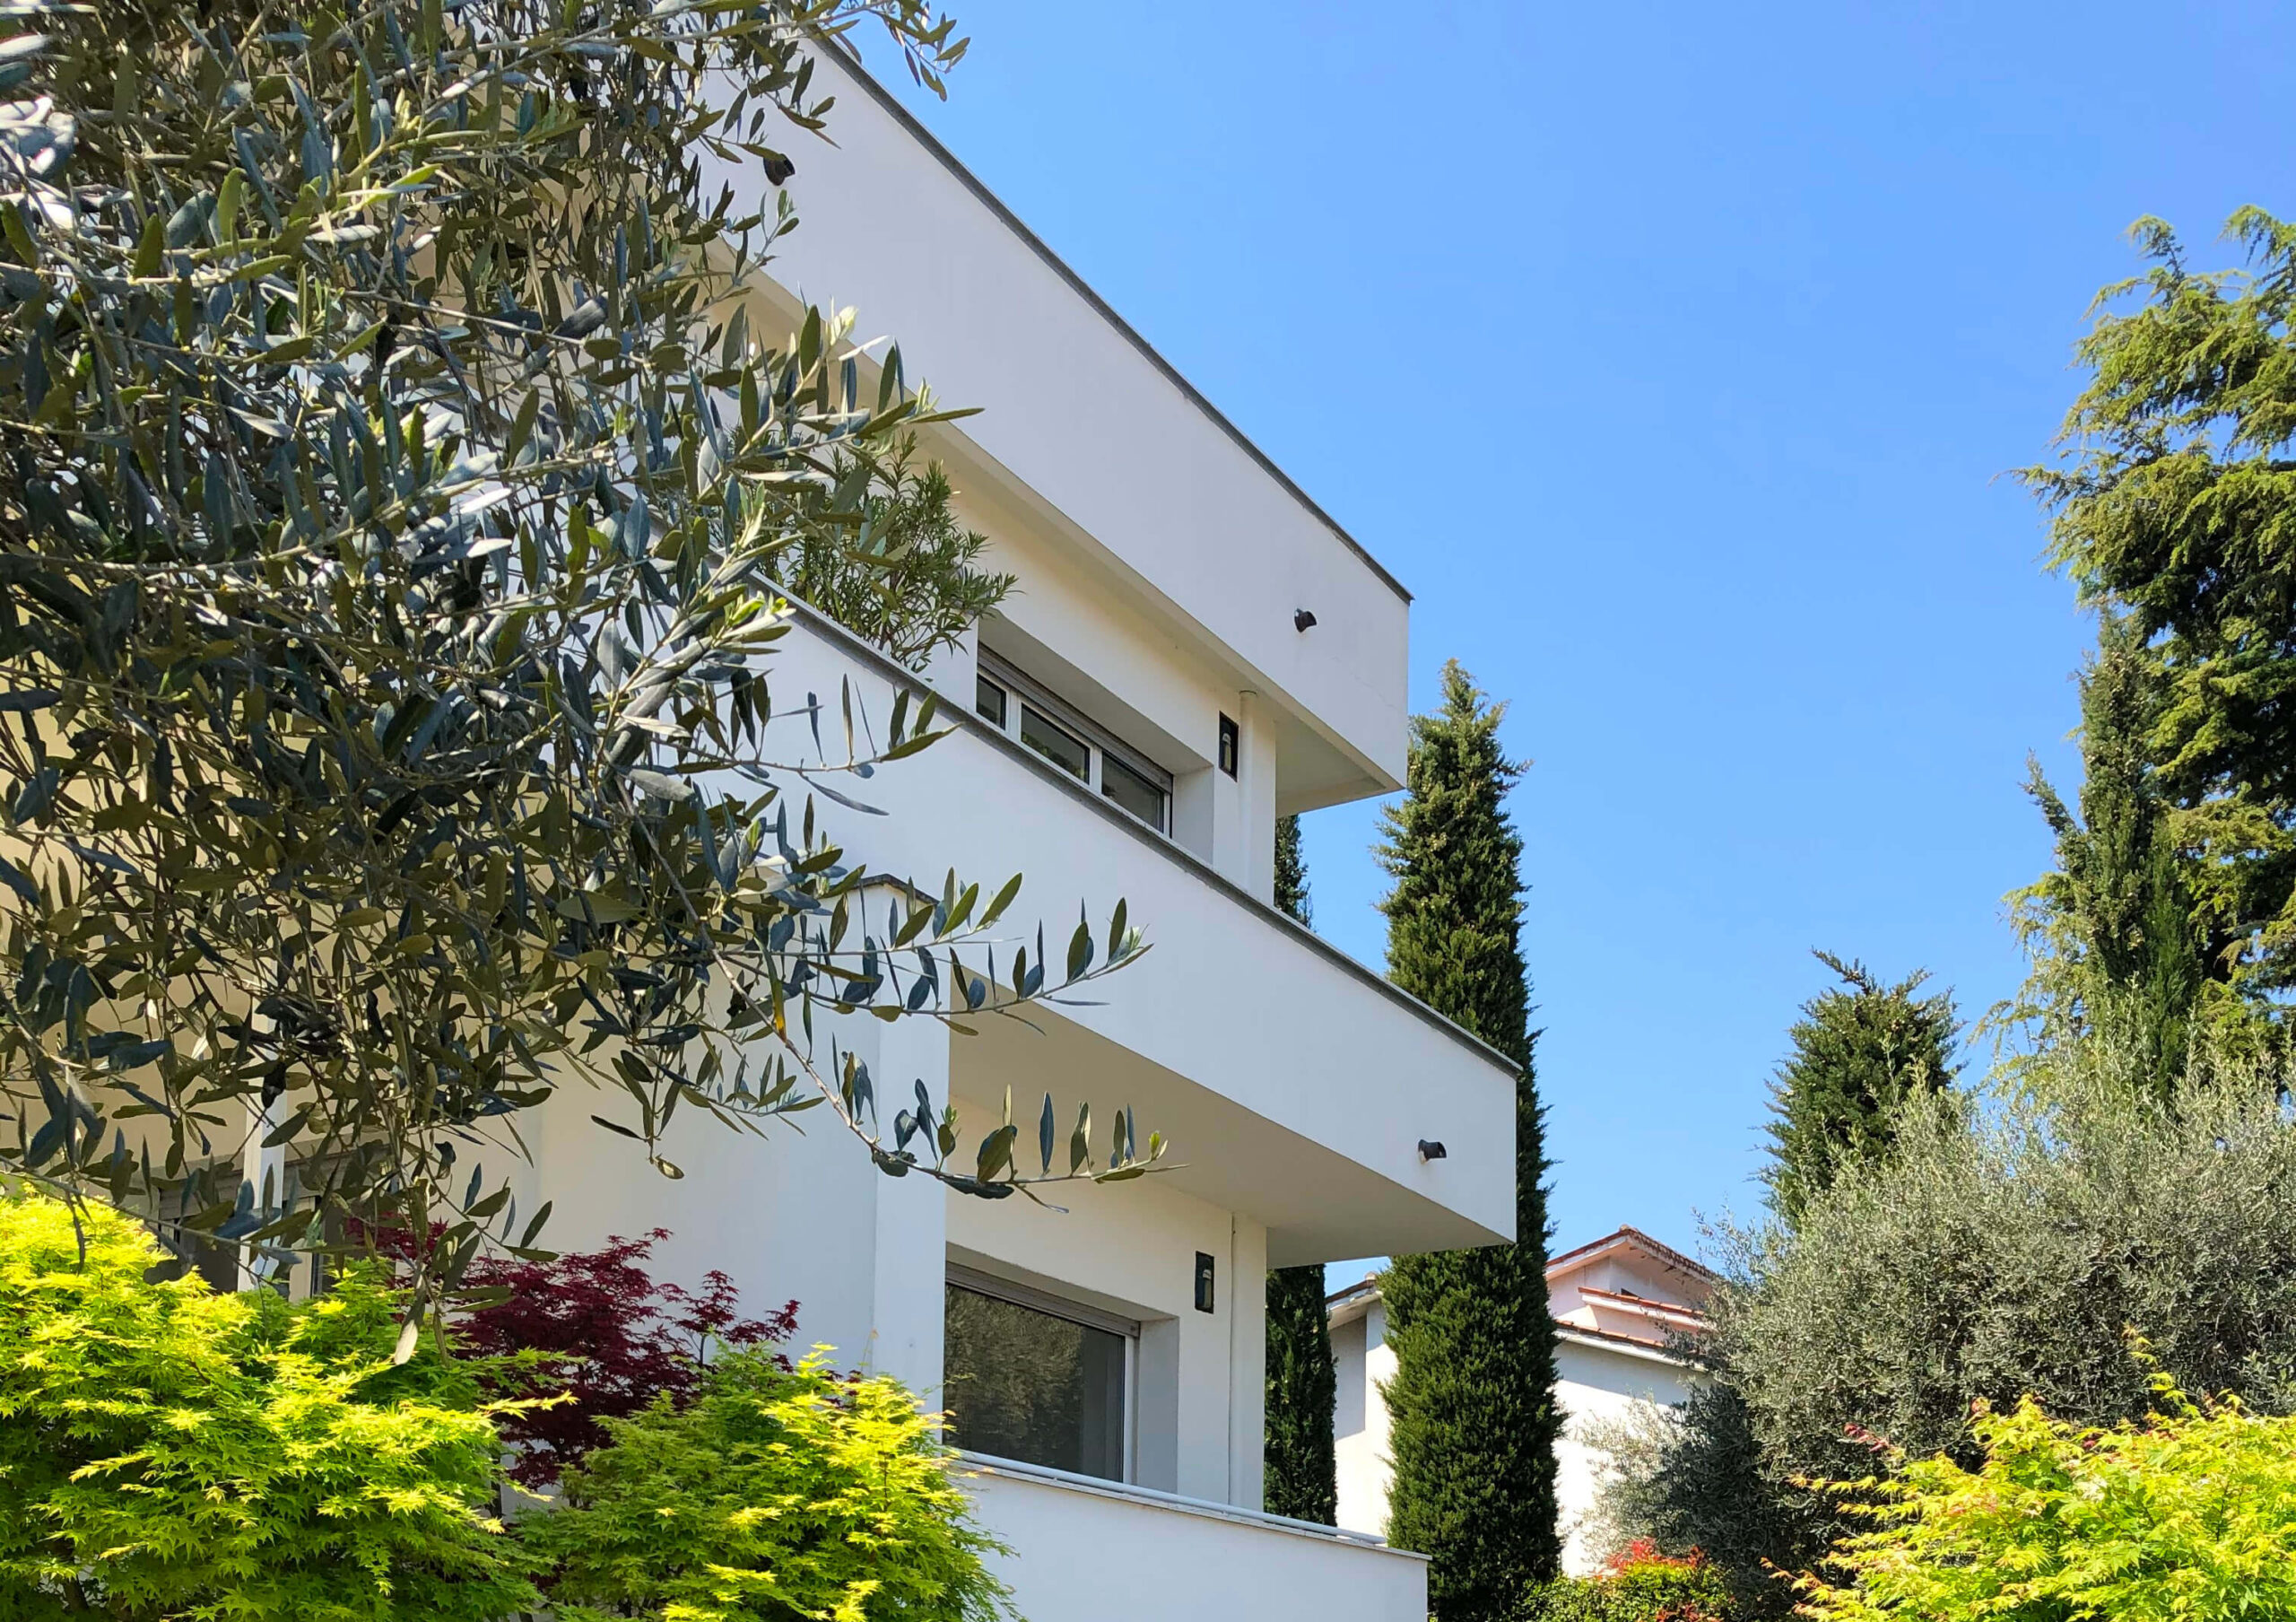 Homepage - B&B Il Giardino Segreto - La tua miglior residenza sul Garda